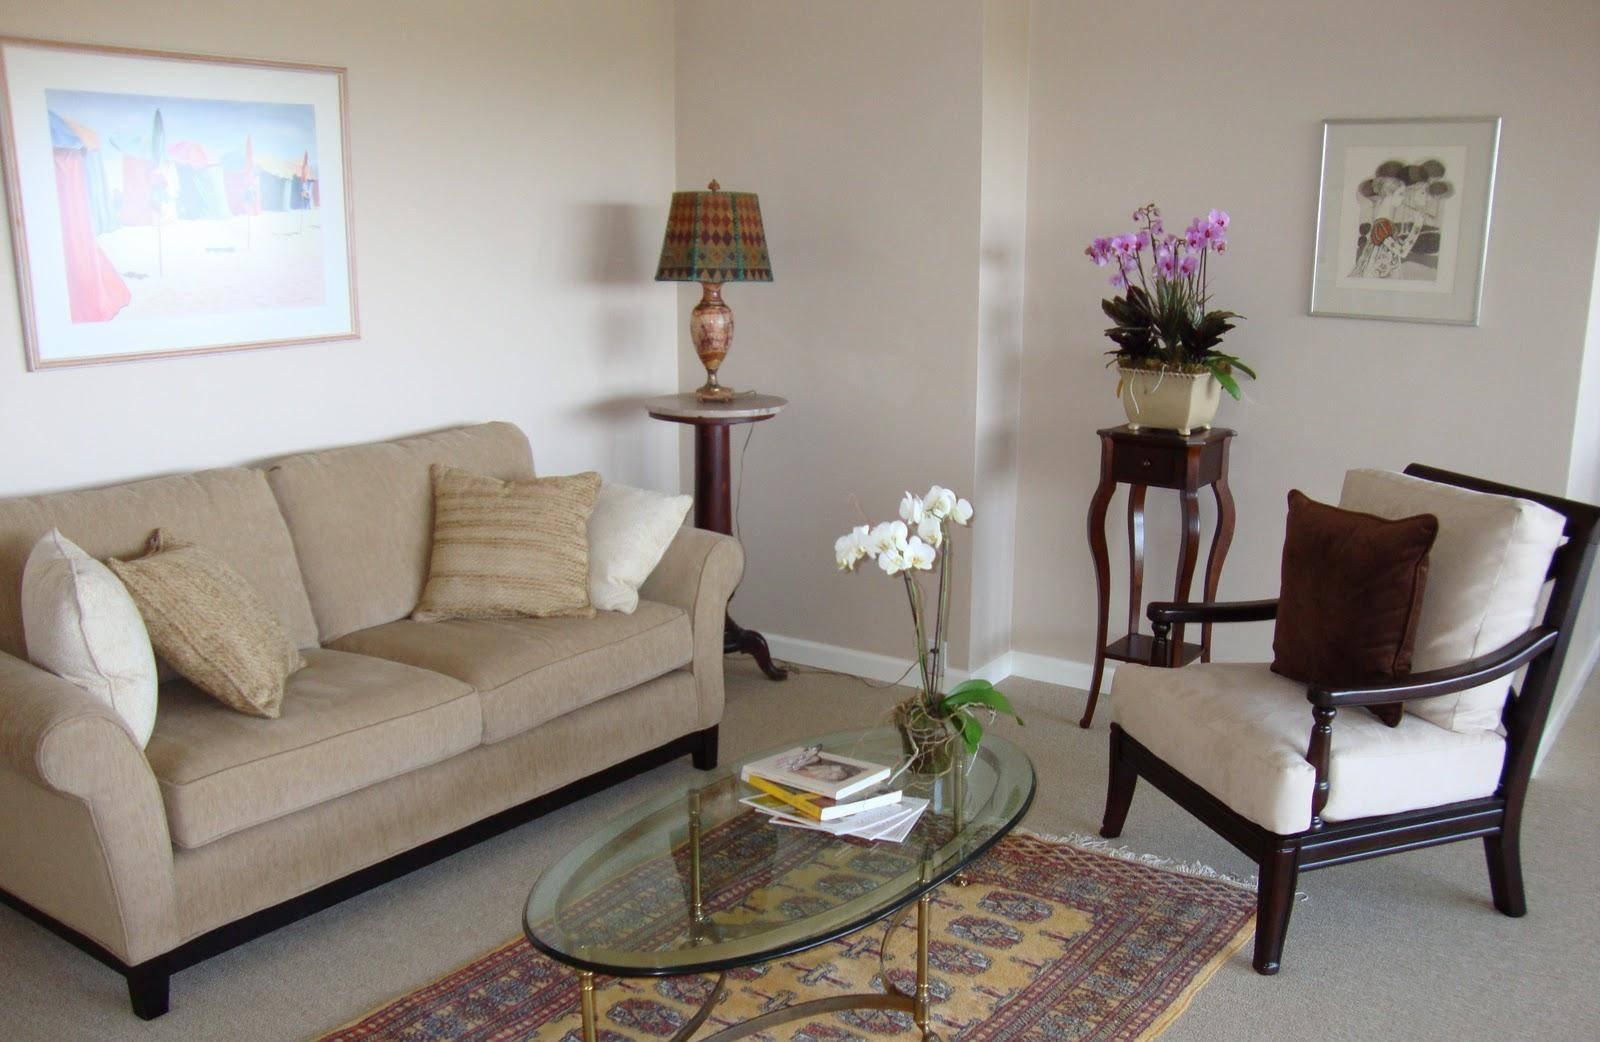 Дизайн кабинета (103 фото): интерьер рабочего места в квартире и частном доме, современные варианты оформления домашнего кабинета